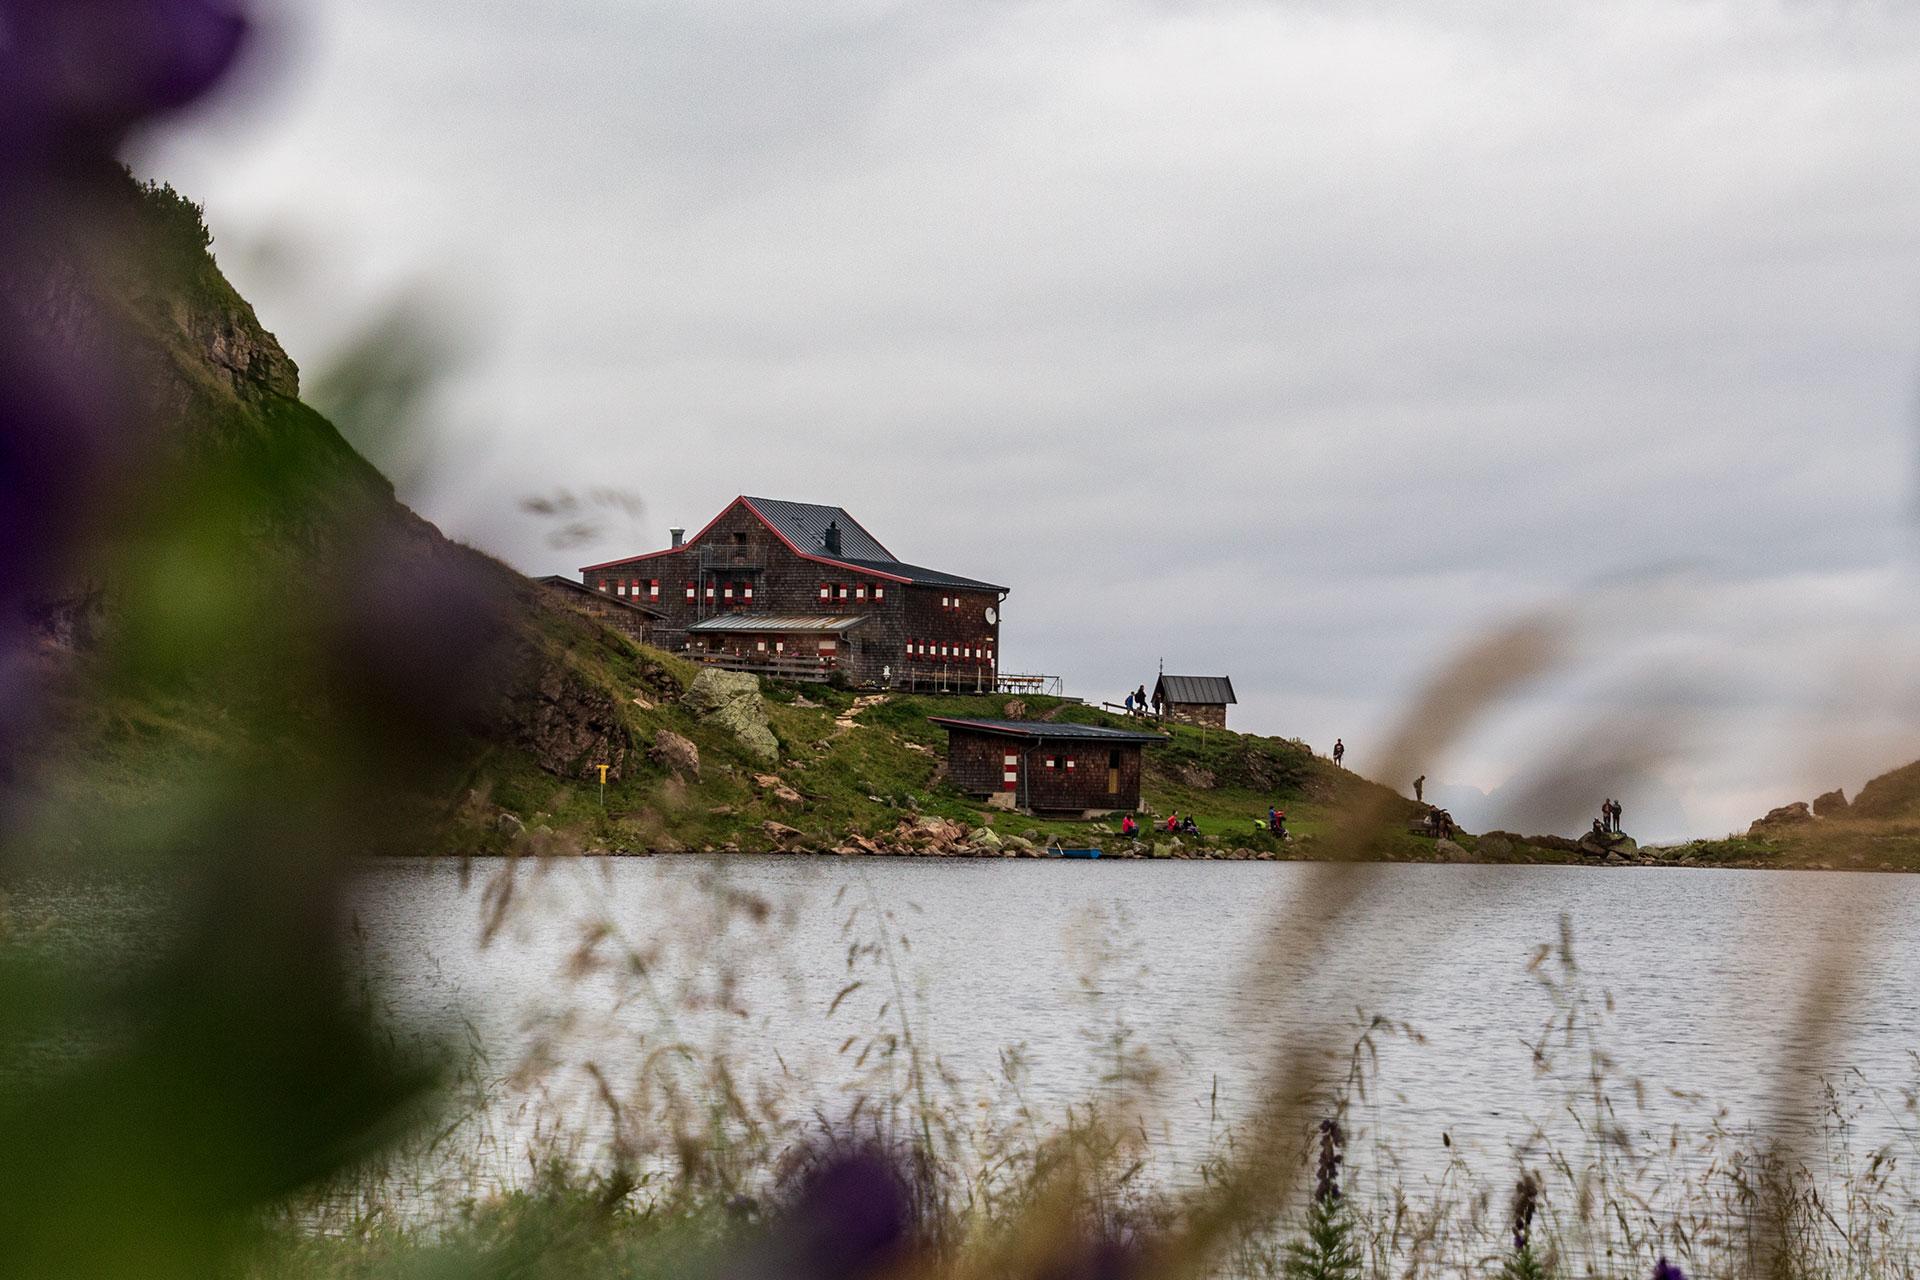 Während sich noch der Morgennebel verzieht tauchen erste Tagesgäste aus dem Tal an der Wildseeloderhütte auf.